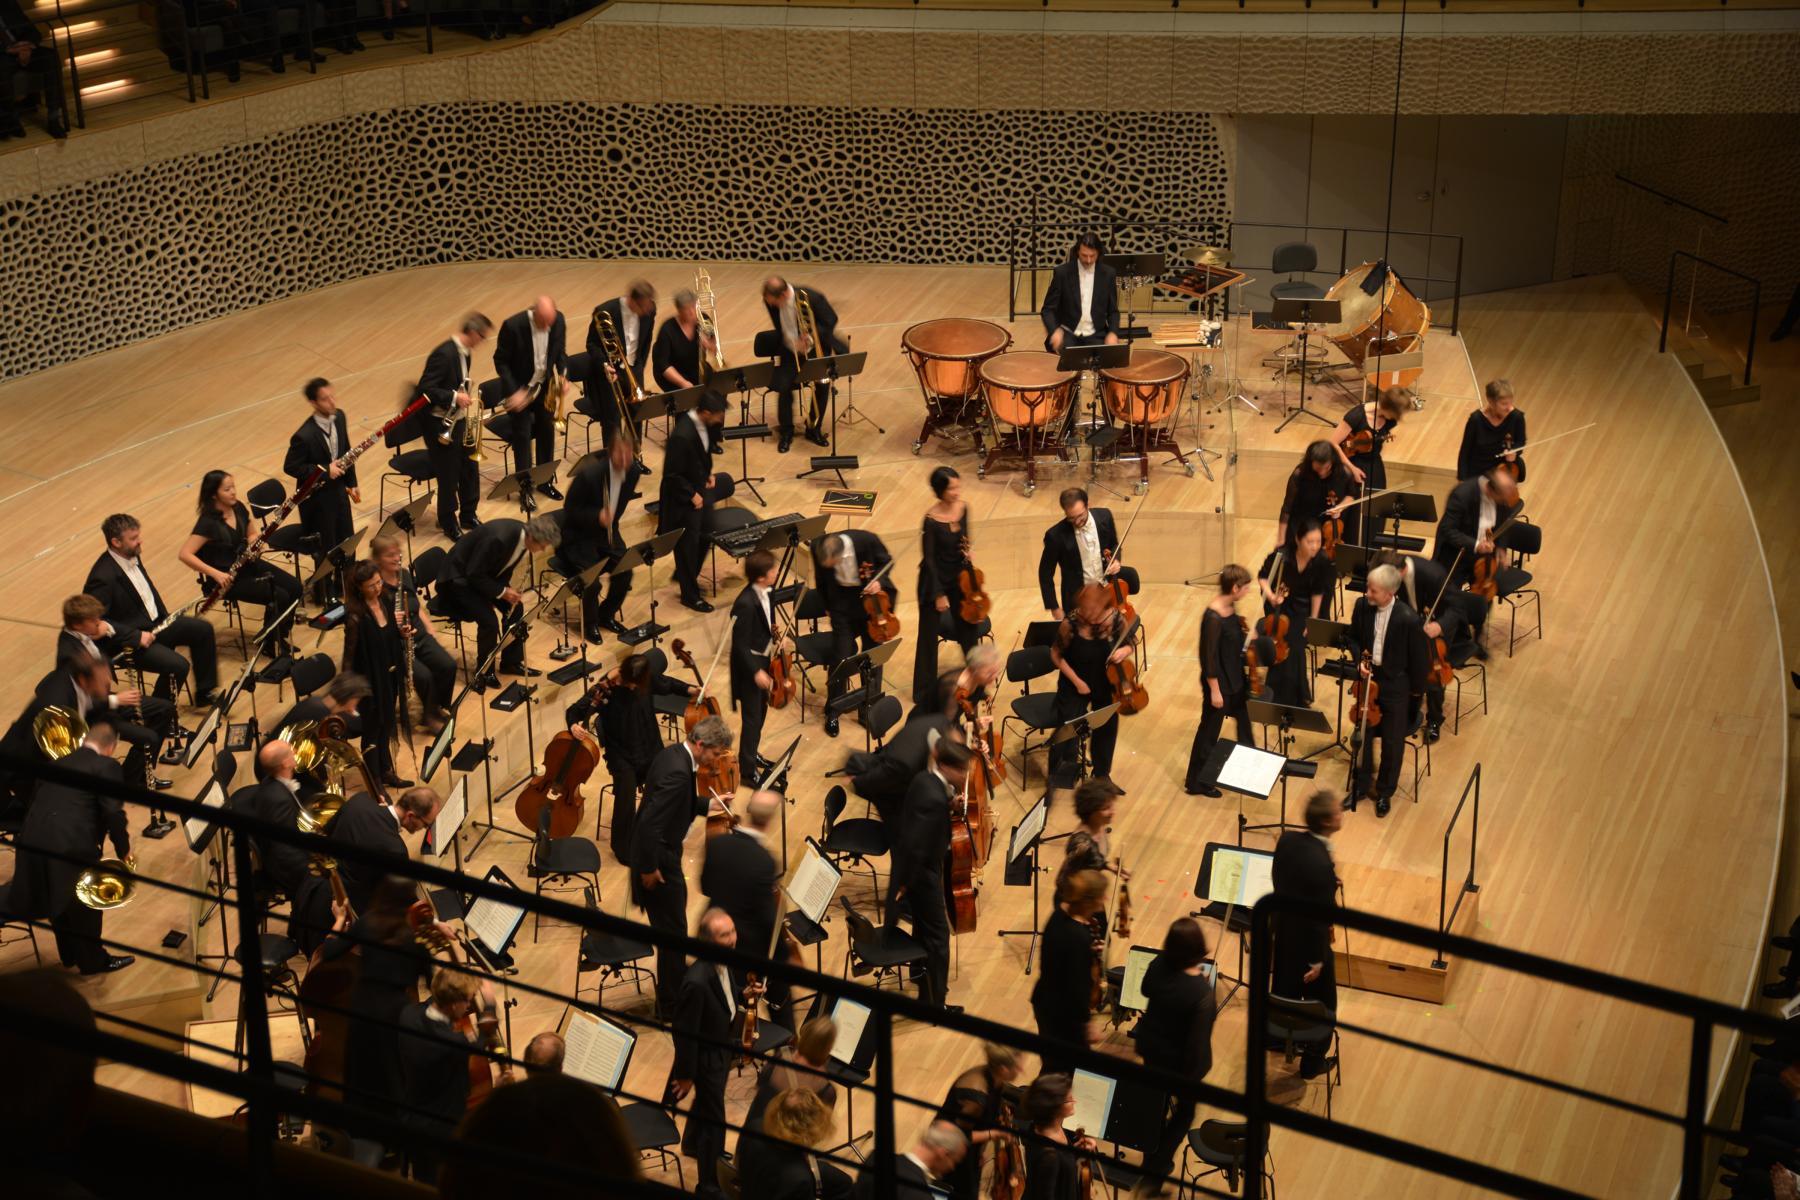 Visita cultural: Elbphilharmonie